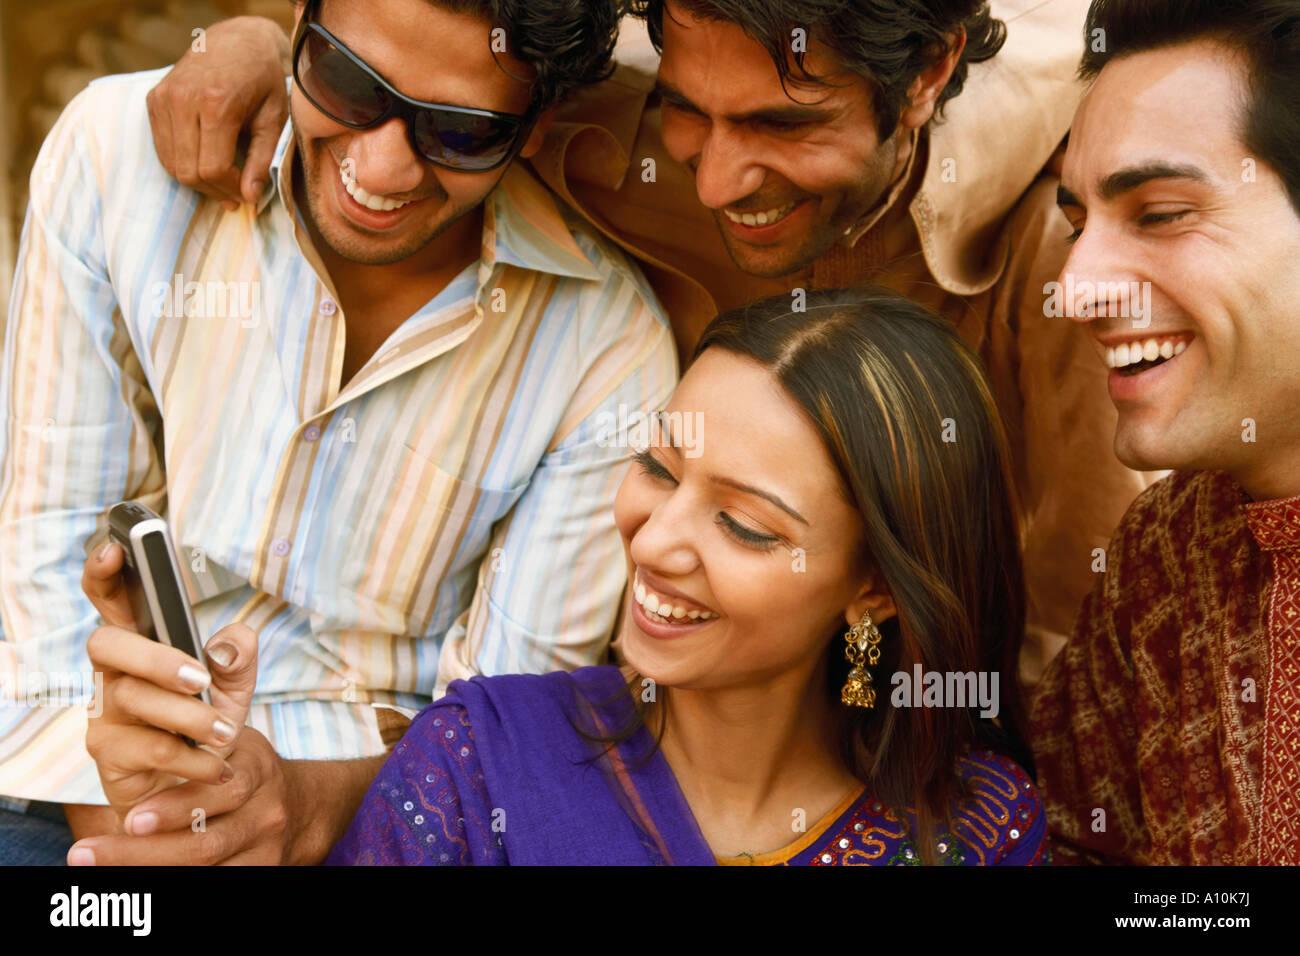 Close-up de trois jeunes hommes et une jeune femme à la recherche d'un téléphone mobile et souriant, Photo Stock